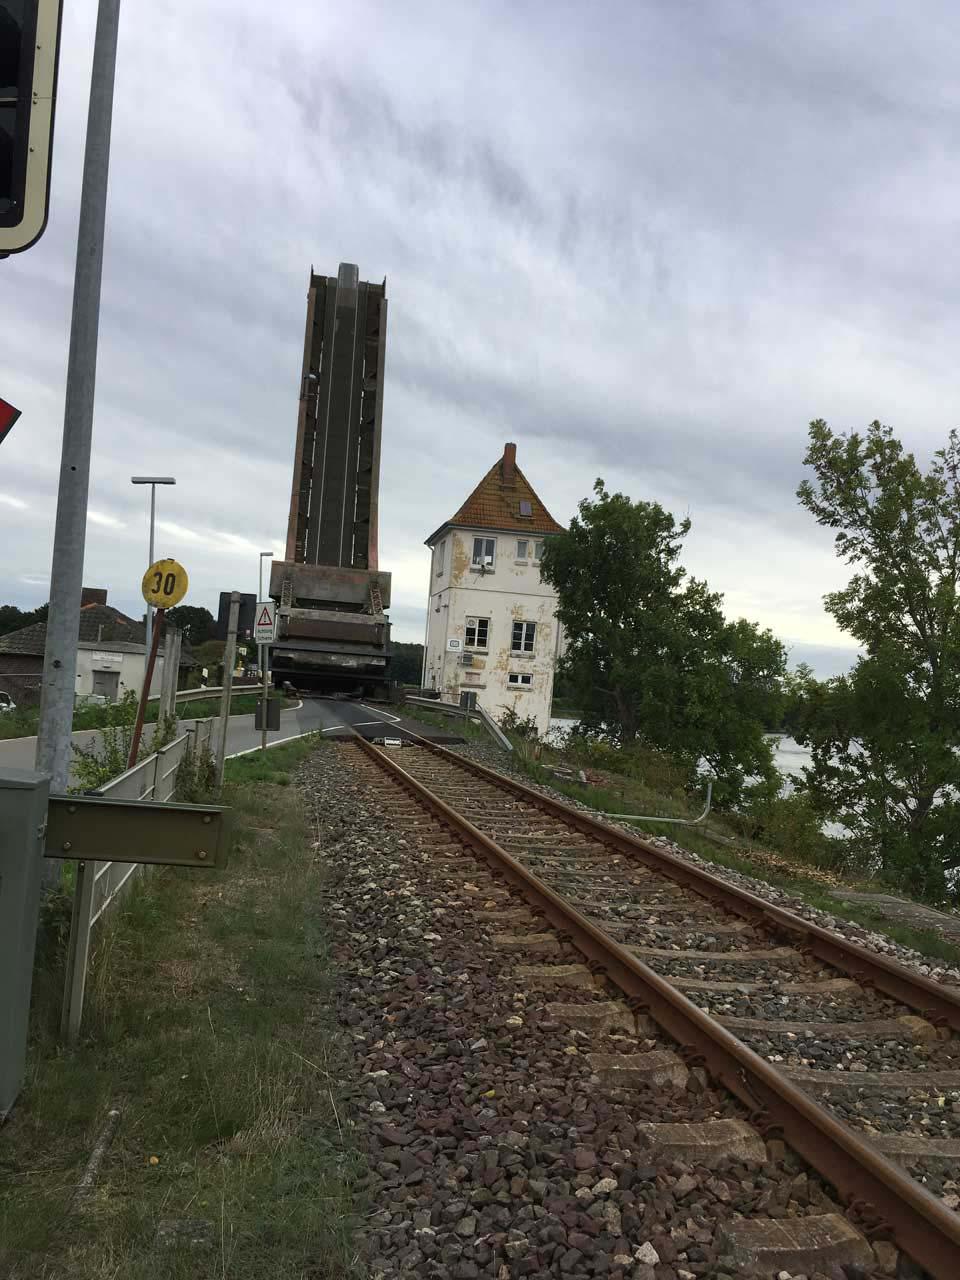 Lindaunisbrücke Geöffnet